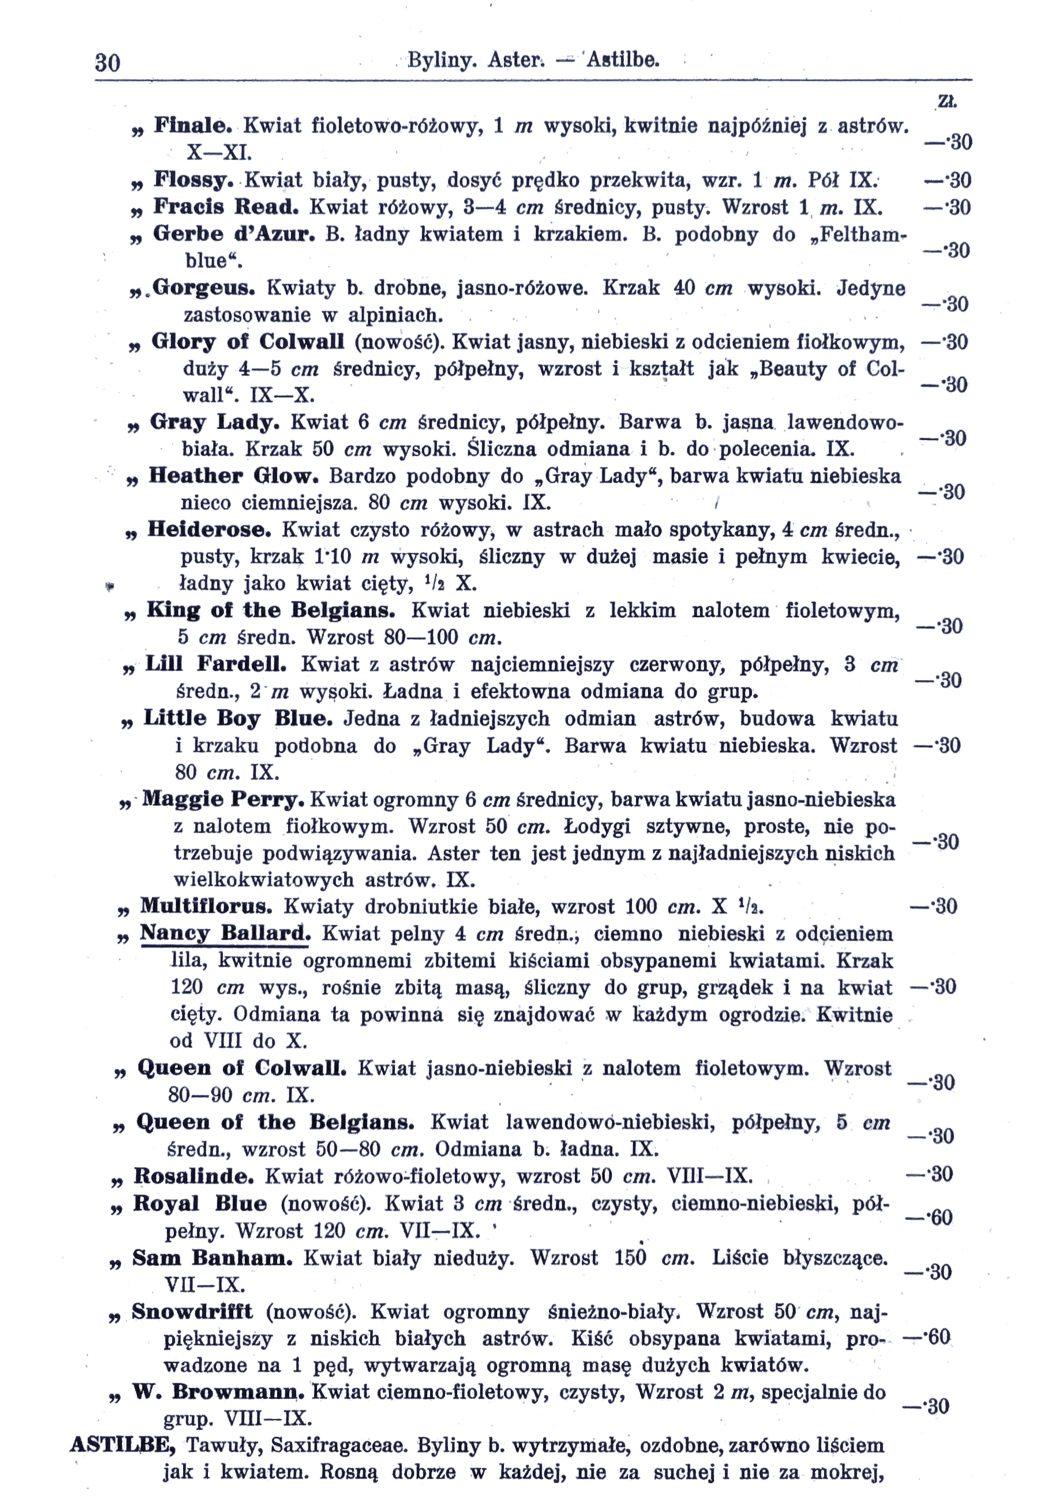 Cennik szkółek ogrodniczych Stanisława Dzieduszyckiego 30